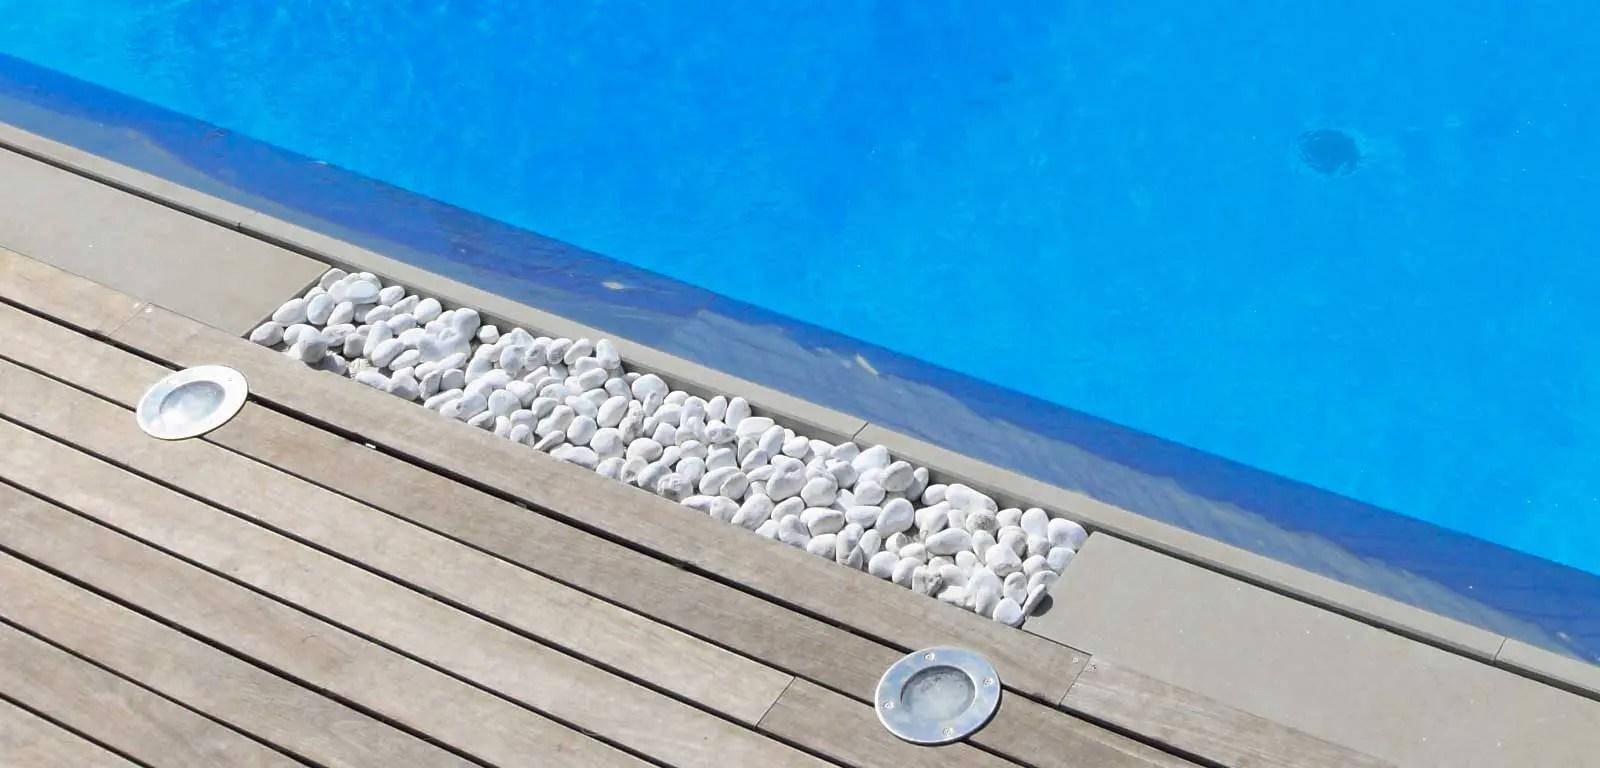 Bordo piscina con ciottoli levigati  Piscine Castiglione